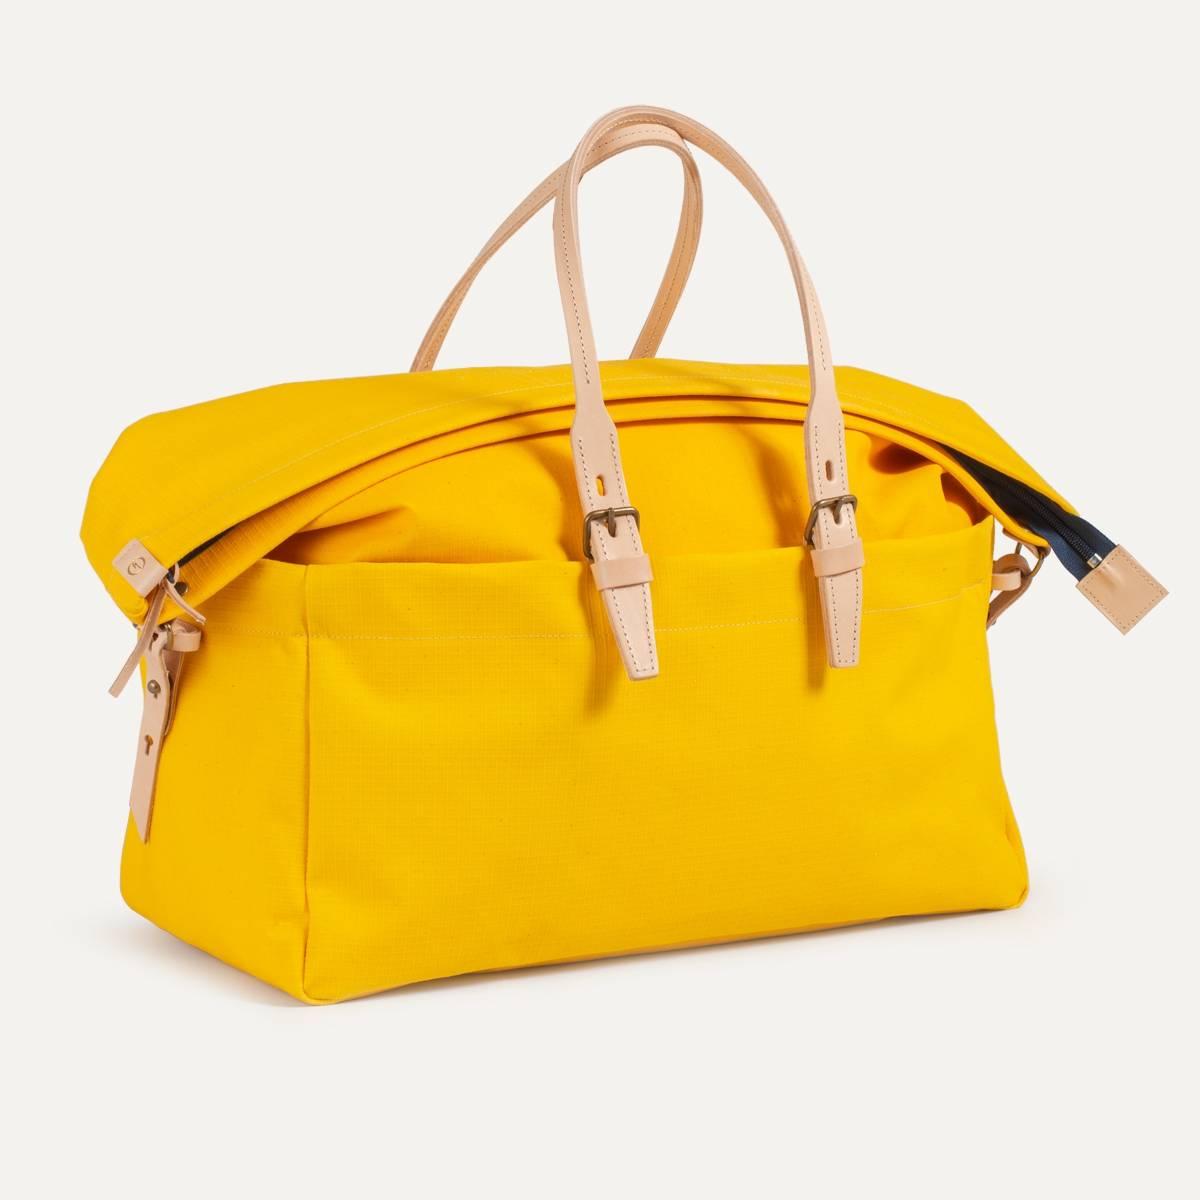 Cabine Travel bag - Regentex Yellow (image n°2)